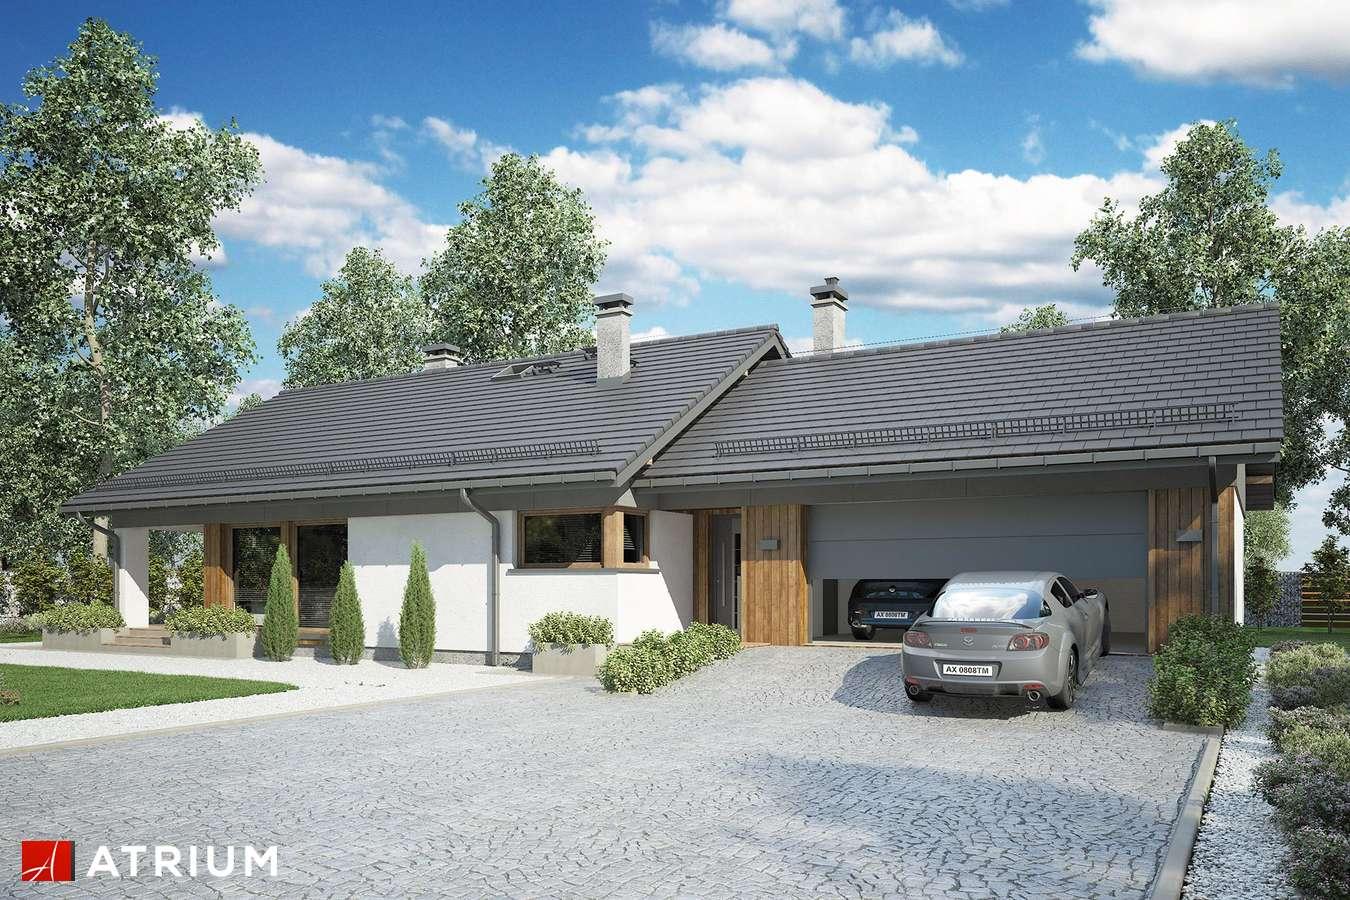 Projekty domów - Projekt domu parterowego KOS MINI II SZ - wizualizacja 1